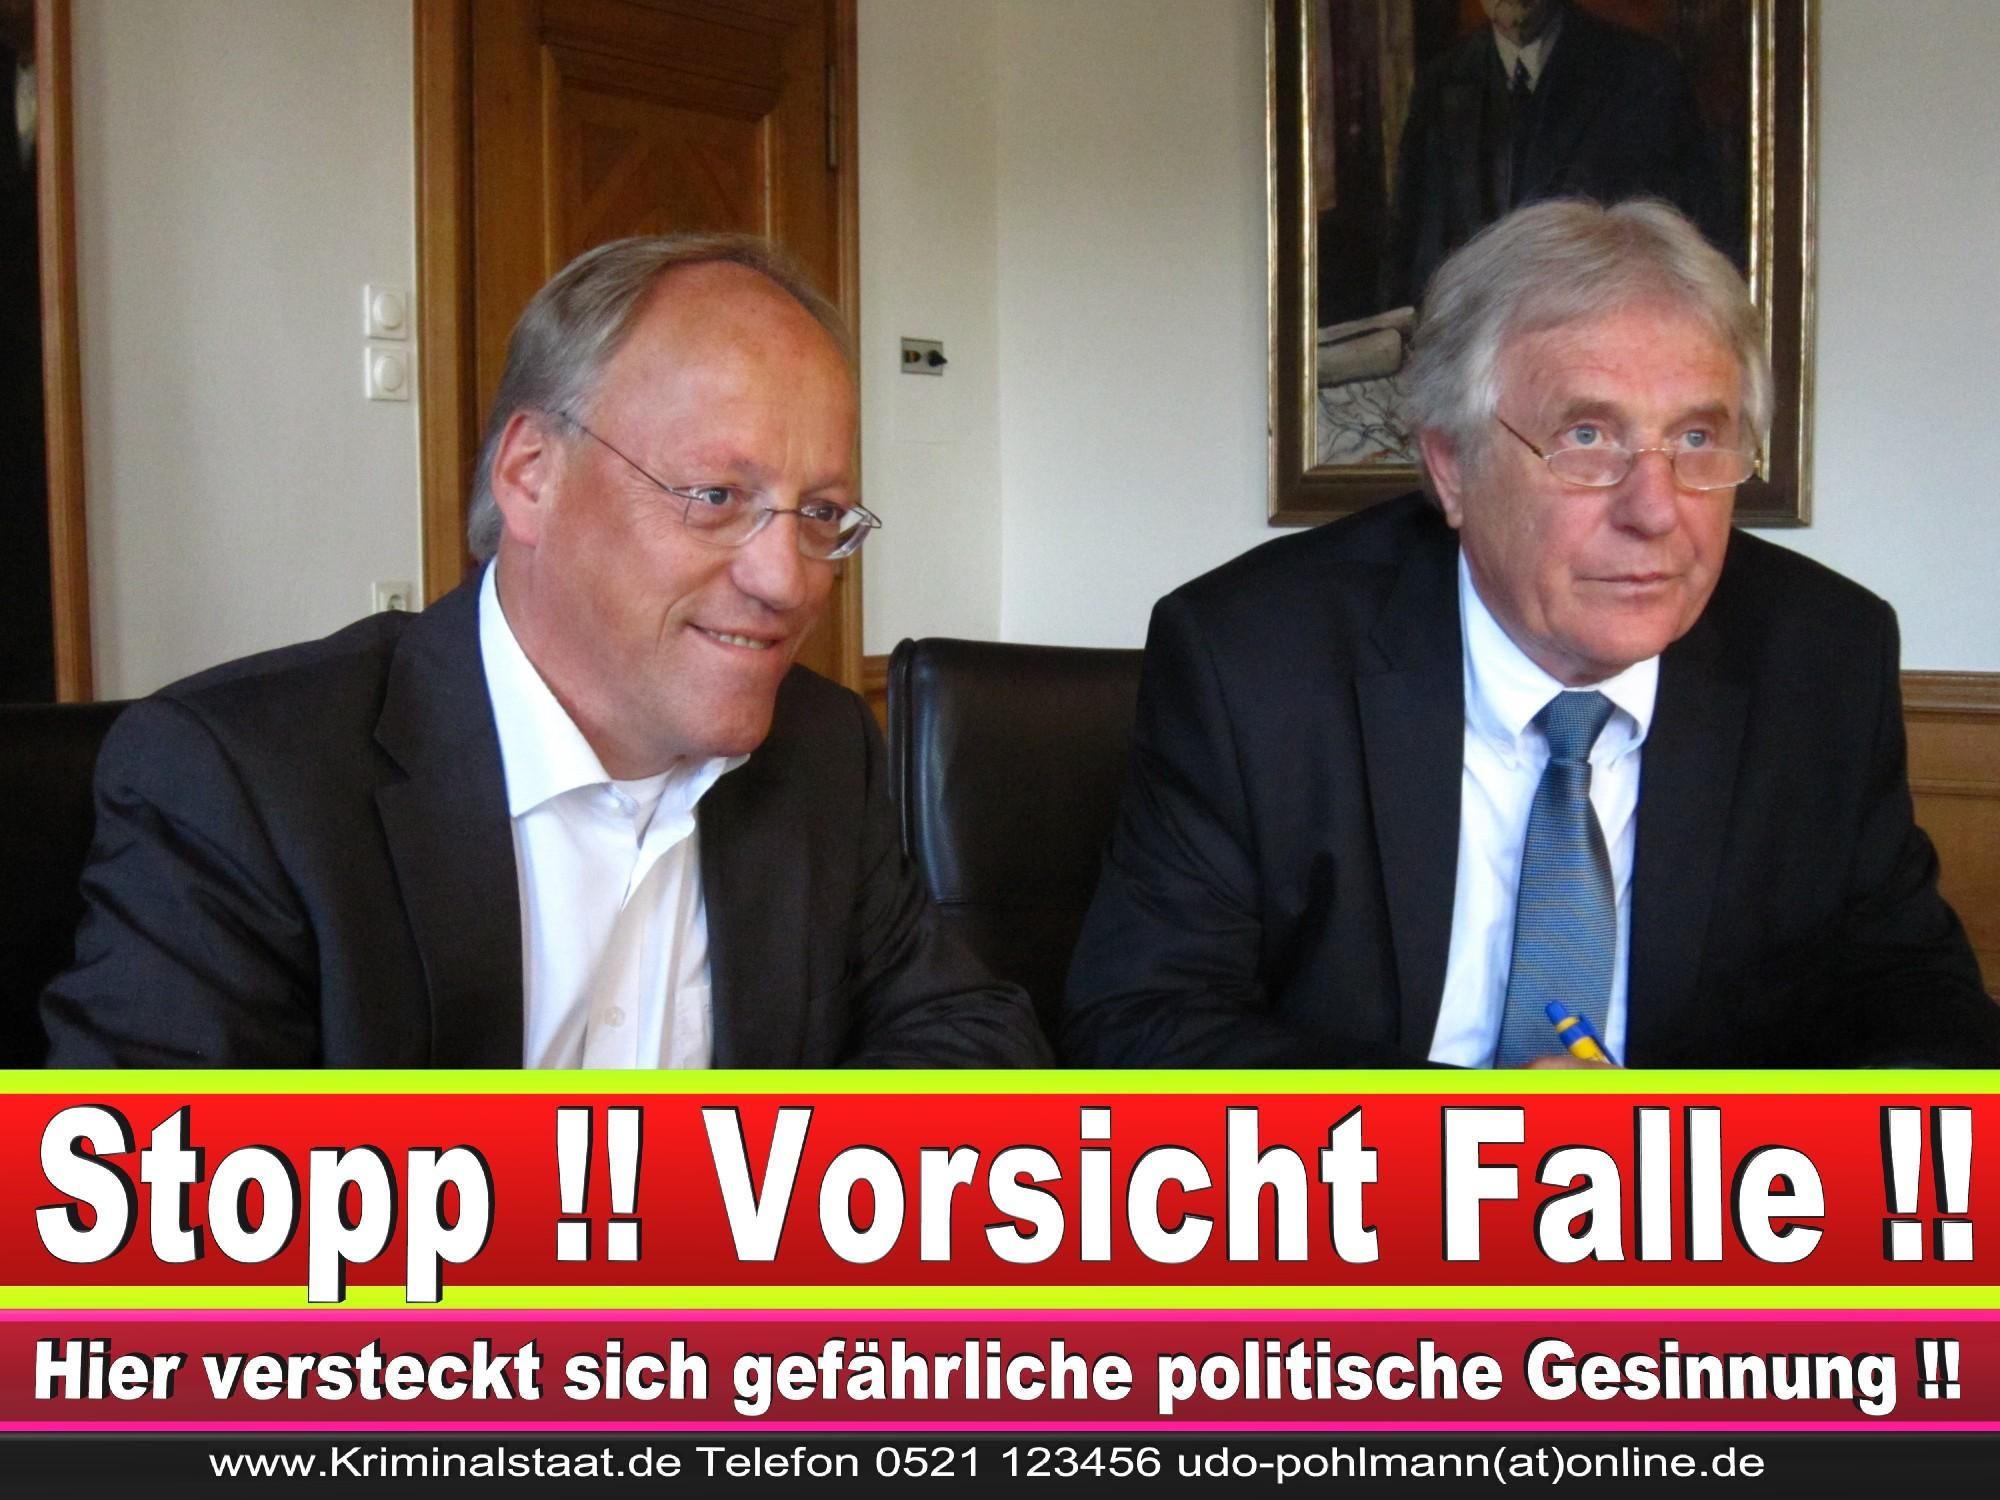 Polizeipräsident Erwin Südfeld Bielefeld Oberbürgermeister Bürgermeister Peter Clausen Pit Clausen Bielefeld (62)